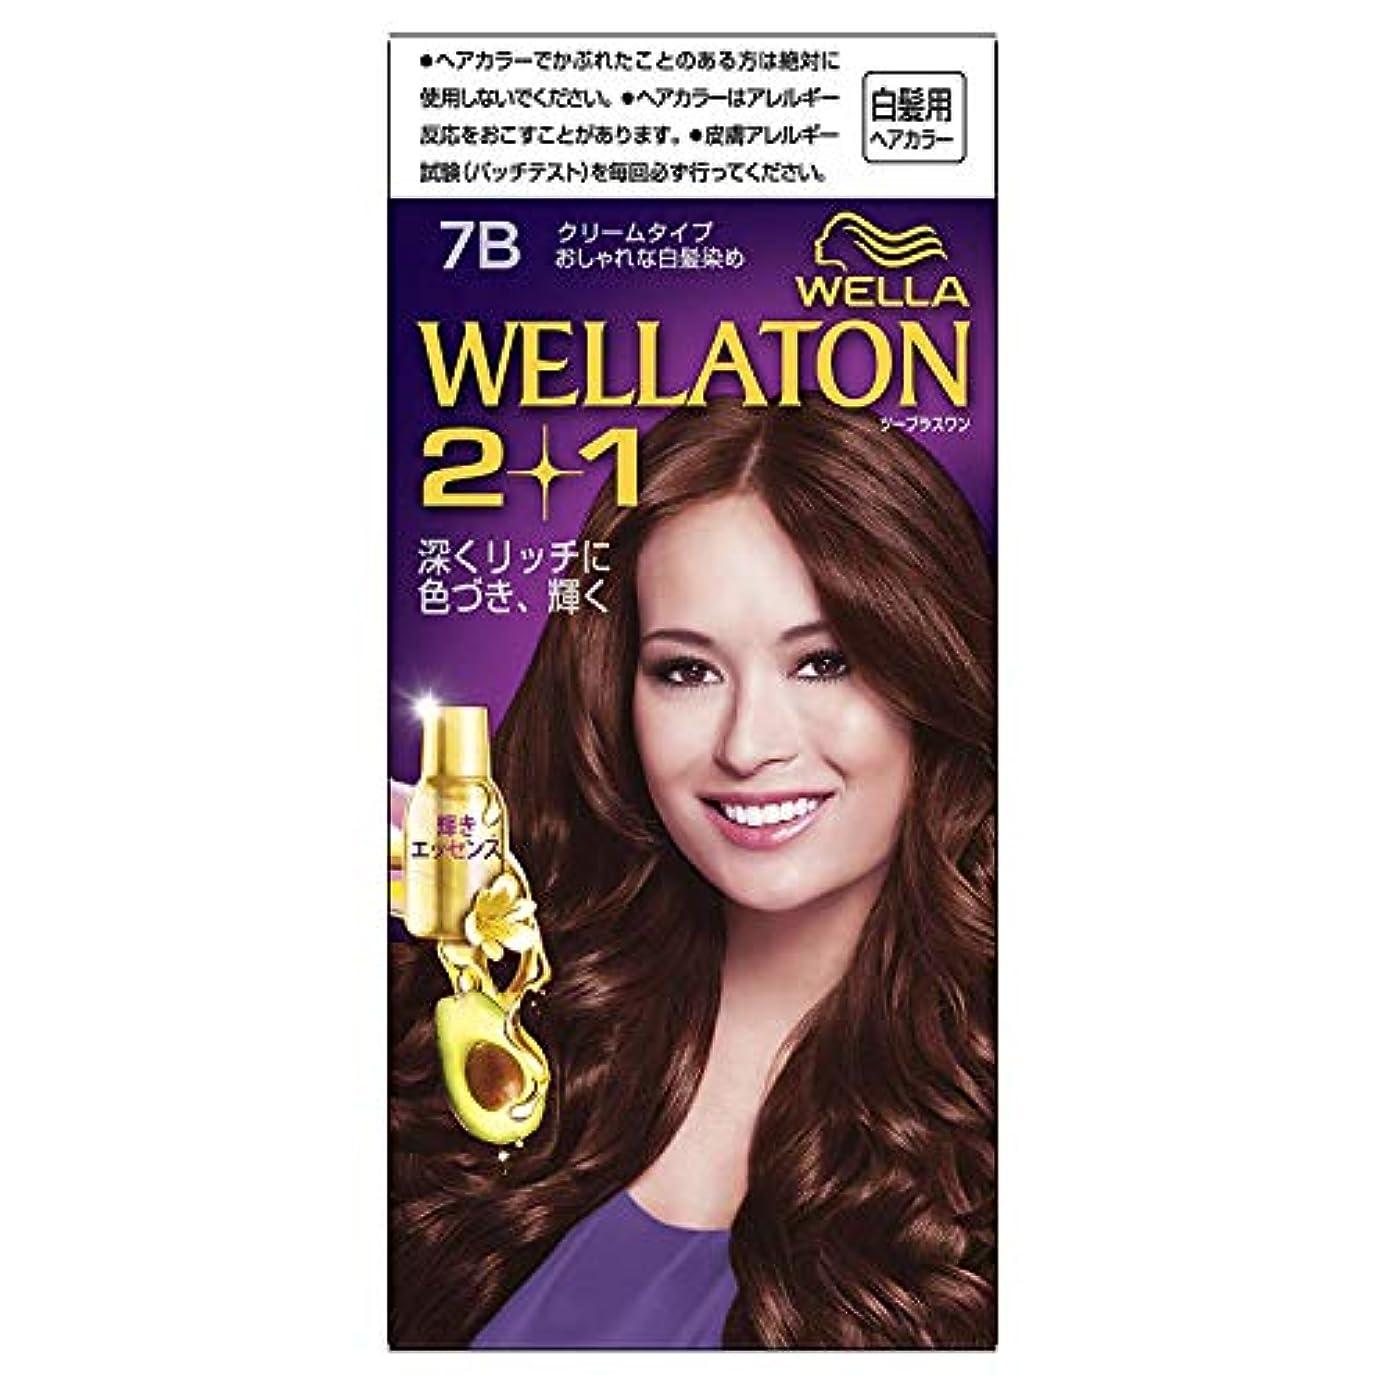 マウンド過言区画ウエラトーン2+1 白髪染め クリームタイプ 7B [医薬部外品]×6個